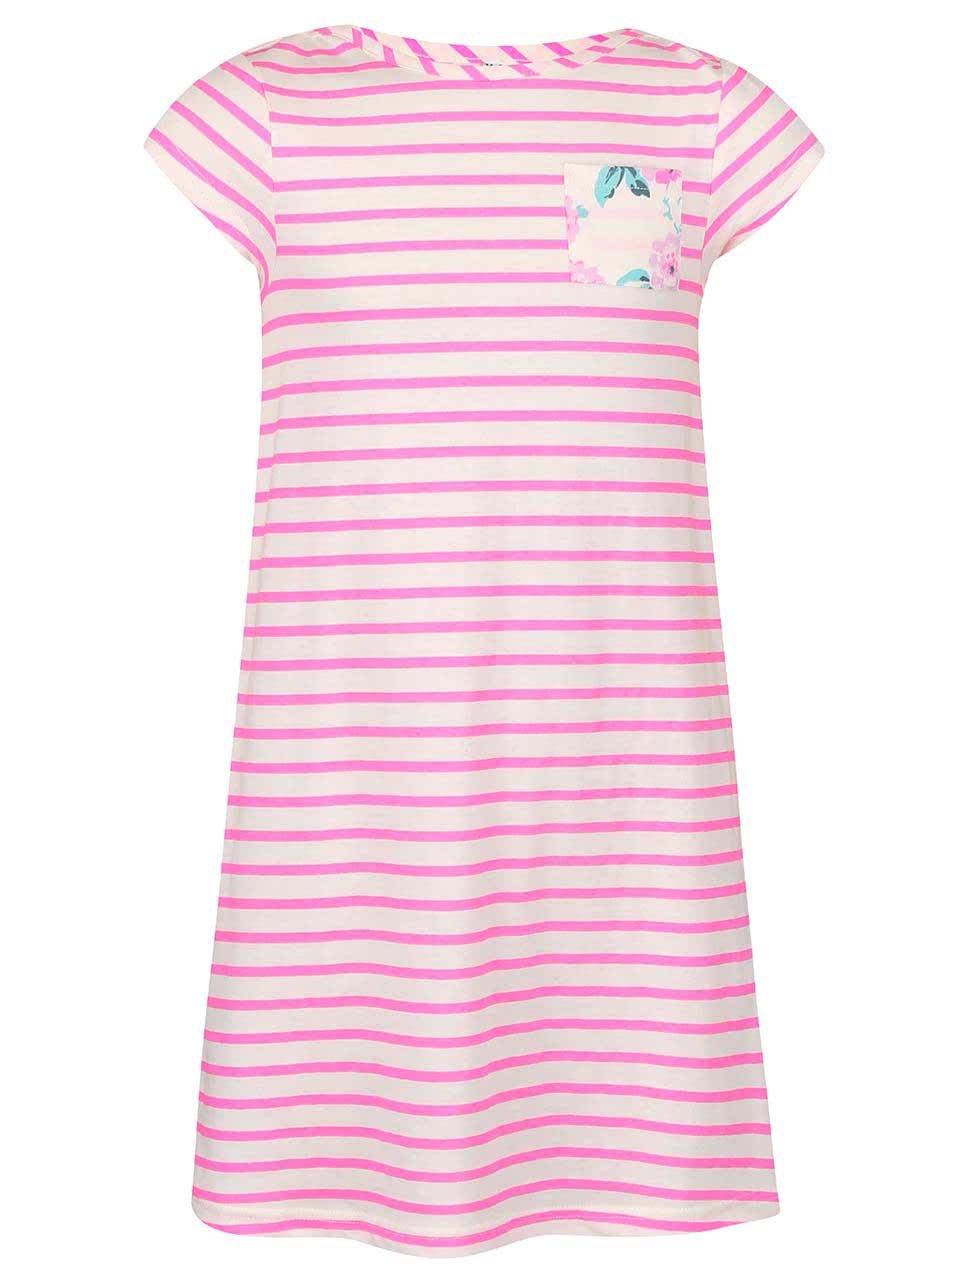 95ca8bd3a53c Bielo-ružové pruhované dievčenské šaty Tom Joule ...